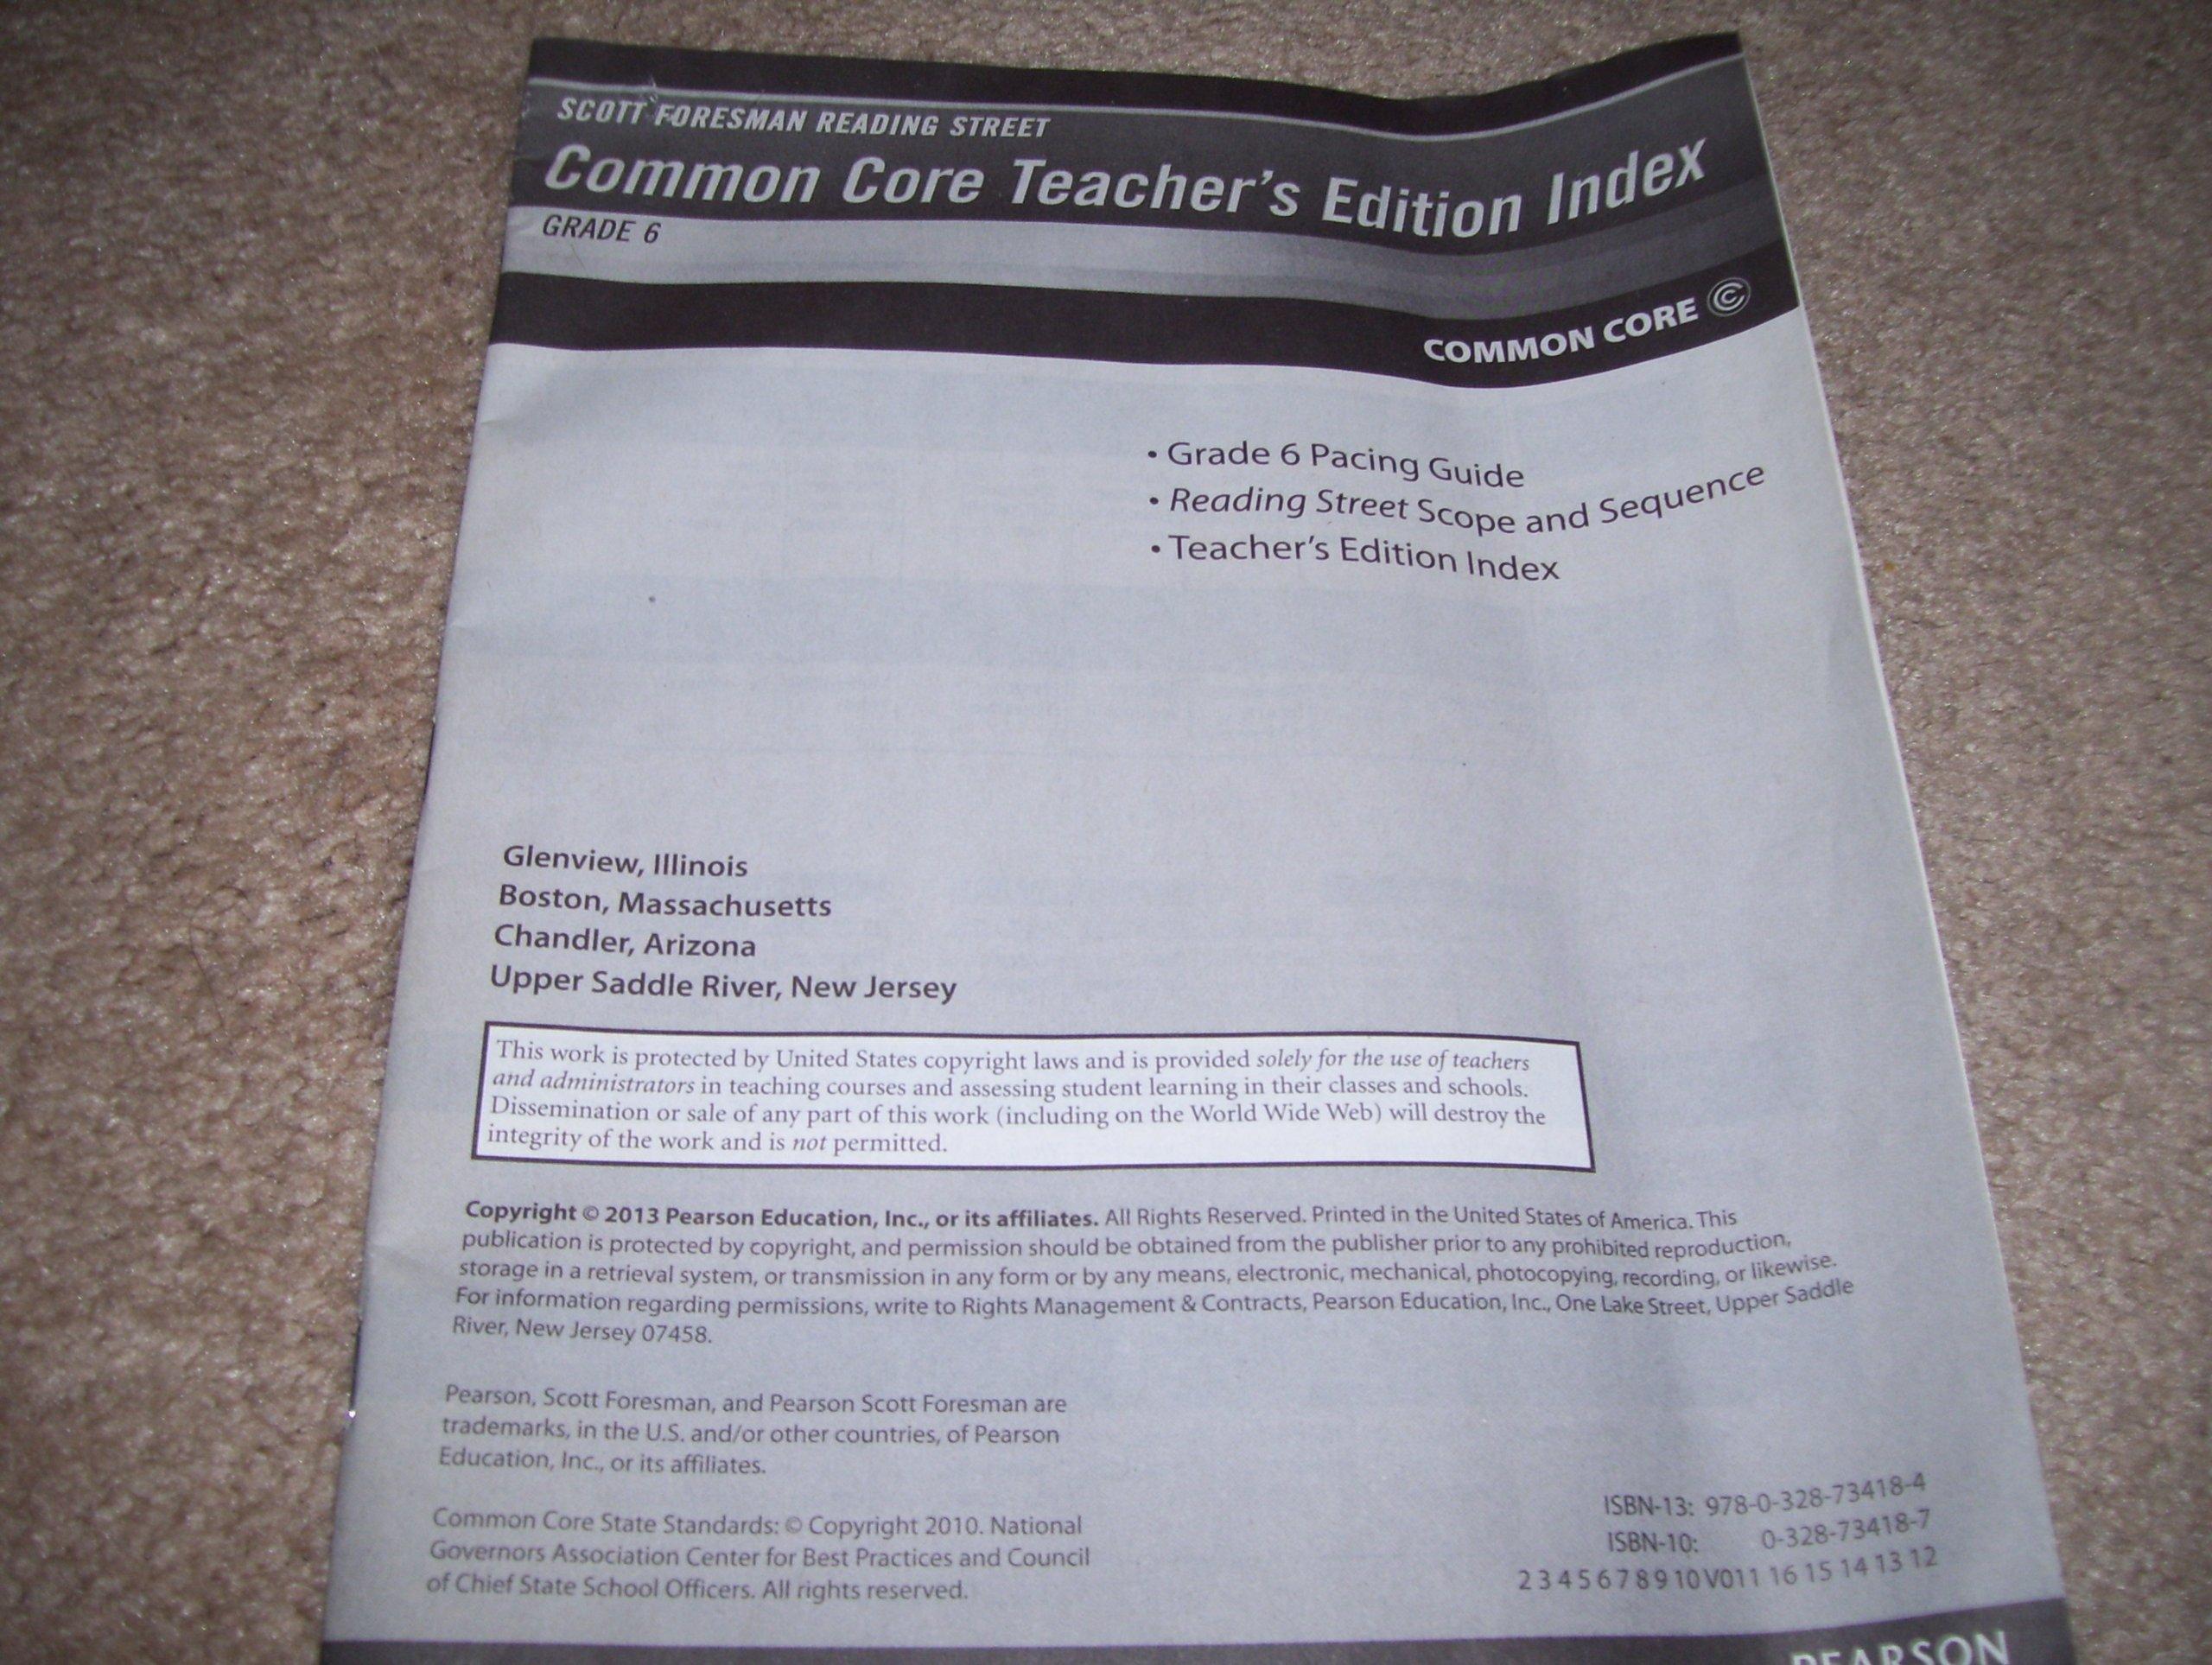 Amazon.com: Common Core Teacher's Edition Index Grade 6 (9780328734184):  Staff: Books